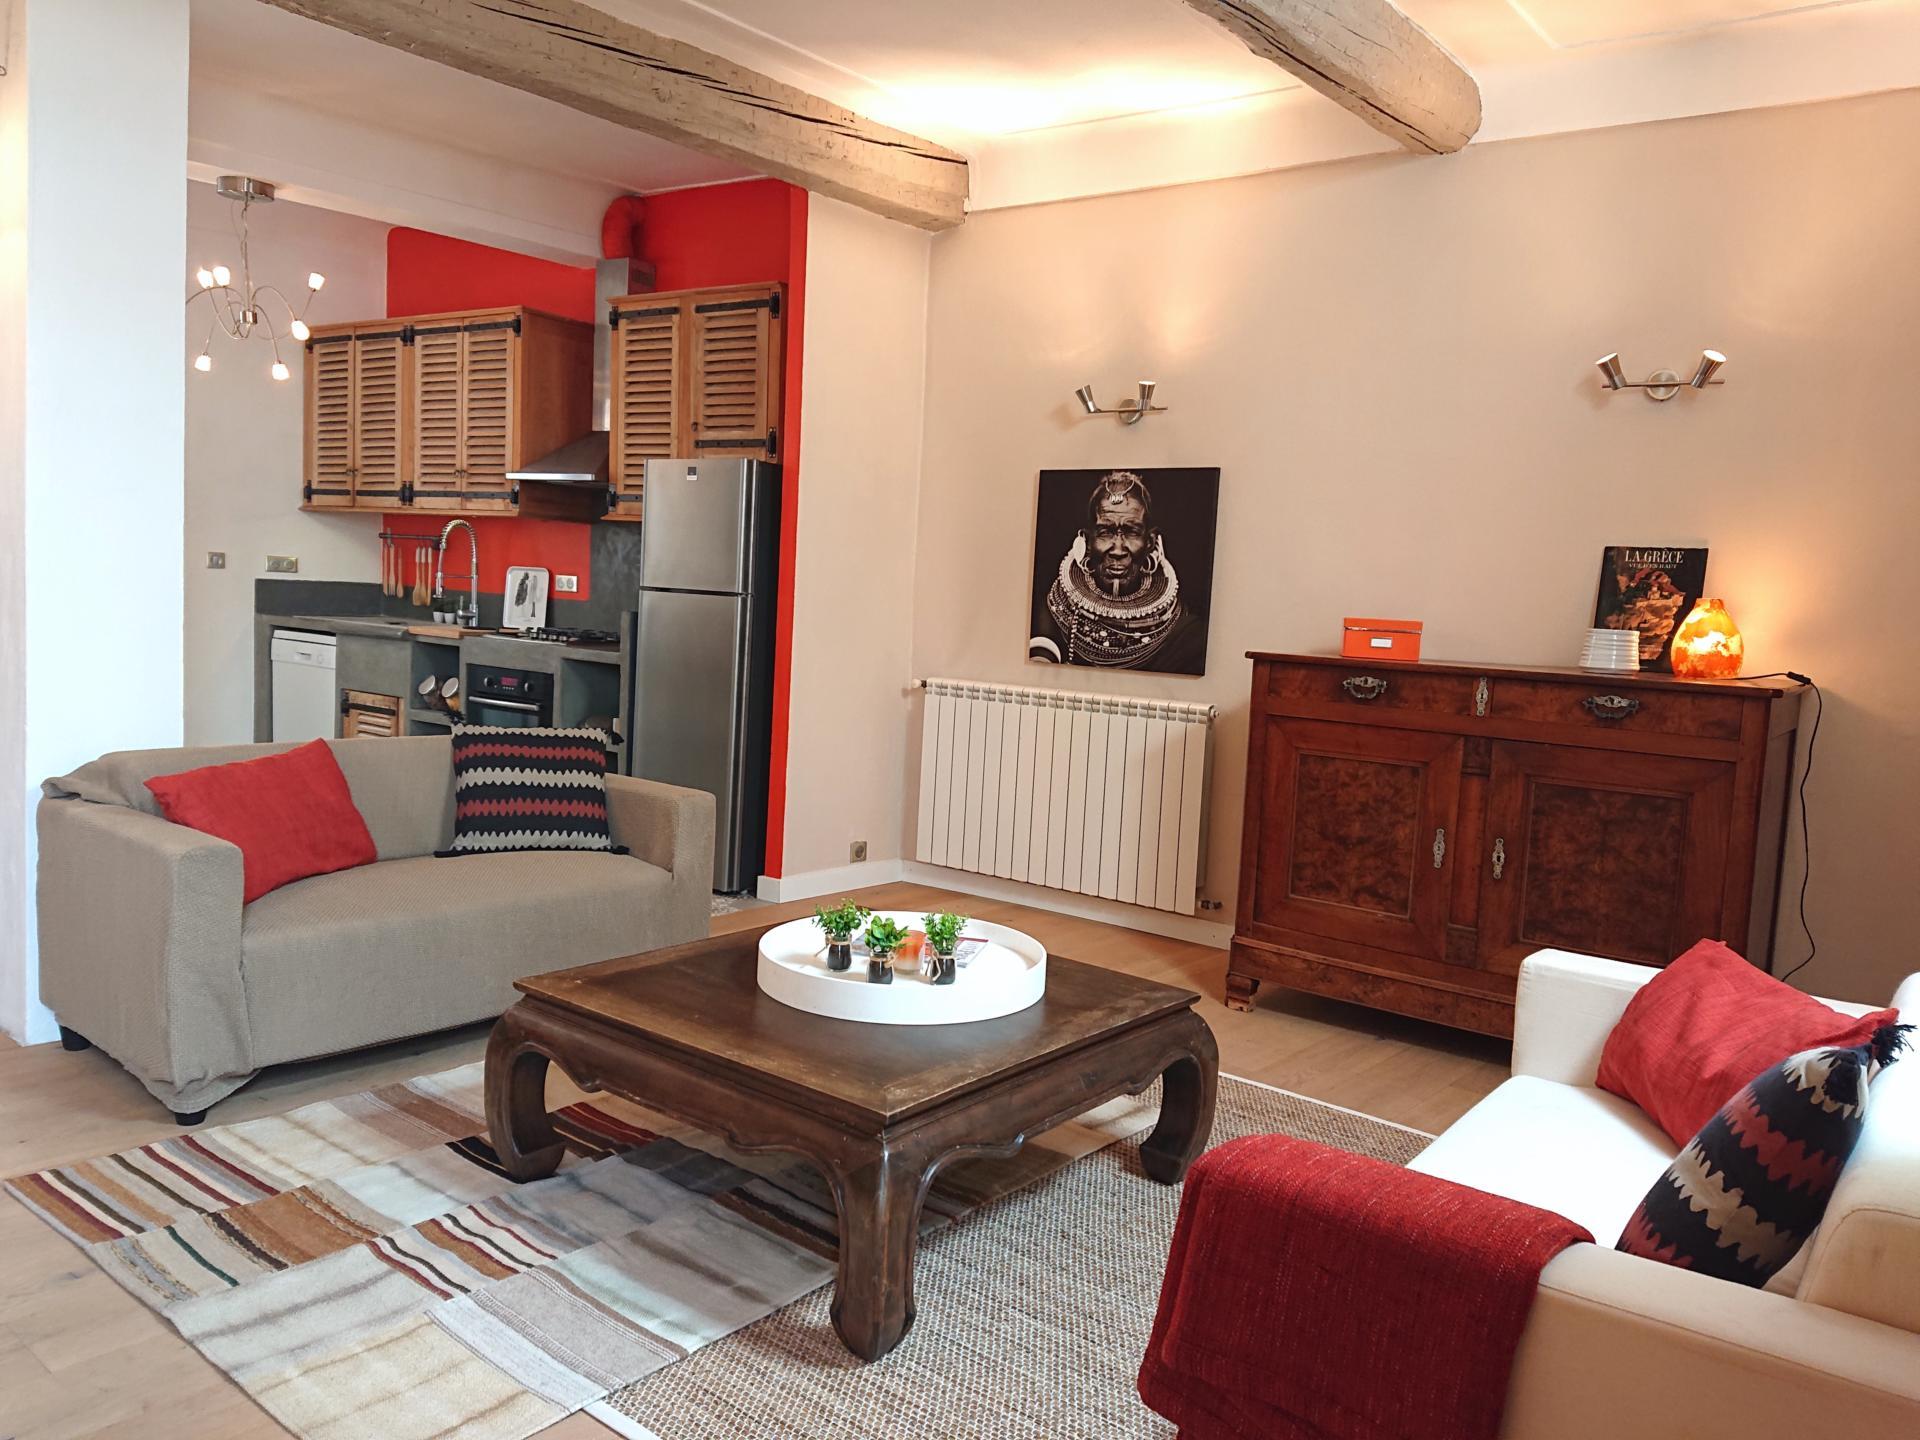 Le Diagnostic Home Staging par Sylvie Aldebert, Décoratrice UFDI sur Antibes, Cannes, Nice 06